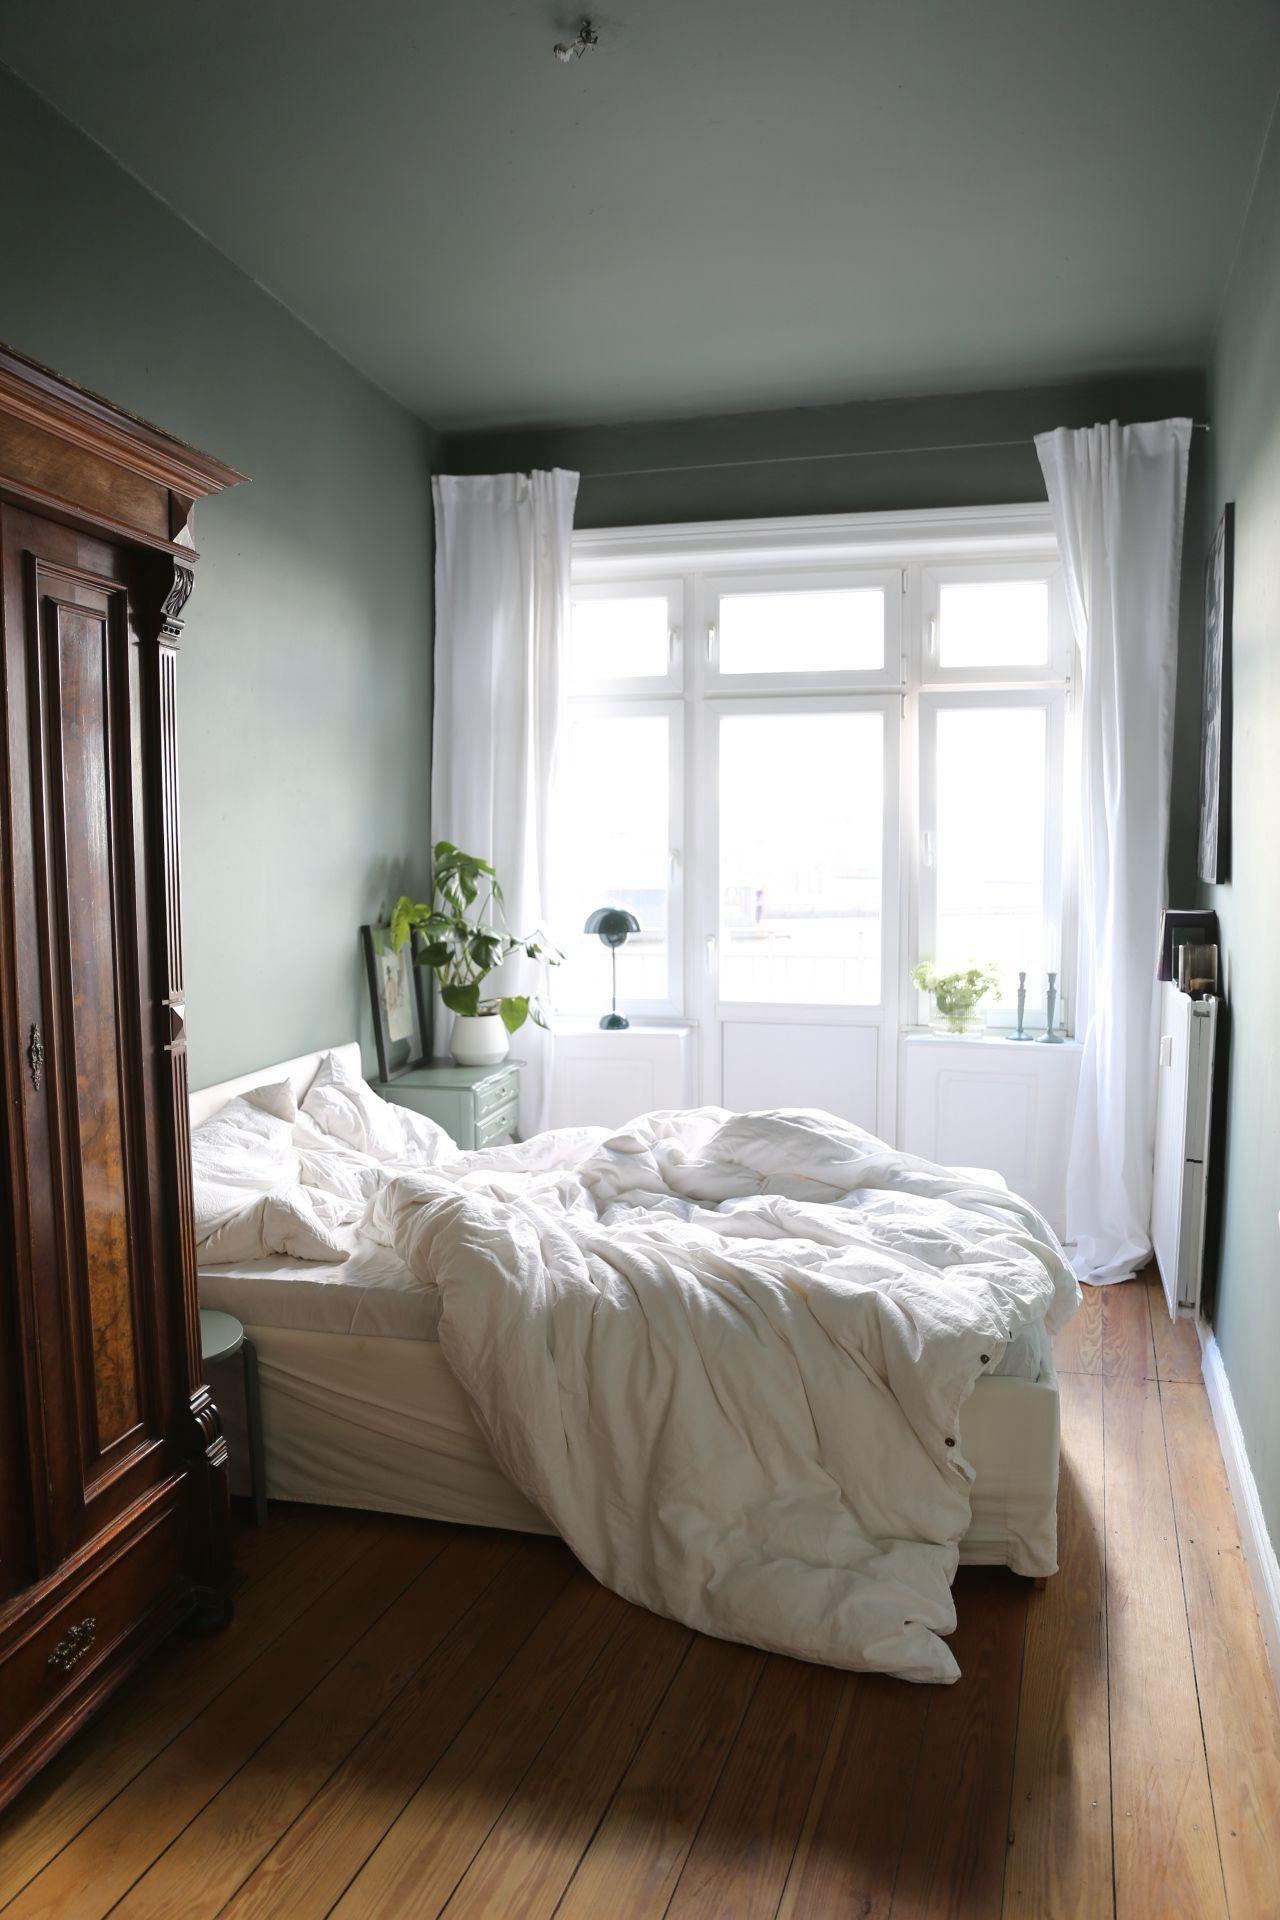 Bedroom Makeover 8211 Neue Farbe Furs Schlafzimmer Elbgestoeber In 2020 Schlafzimmer Design Wohnen Altbau Schlafzimmer